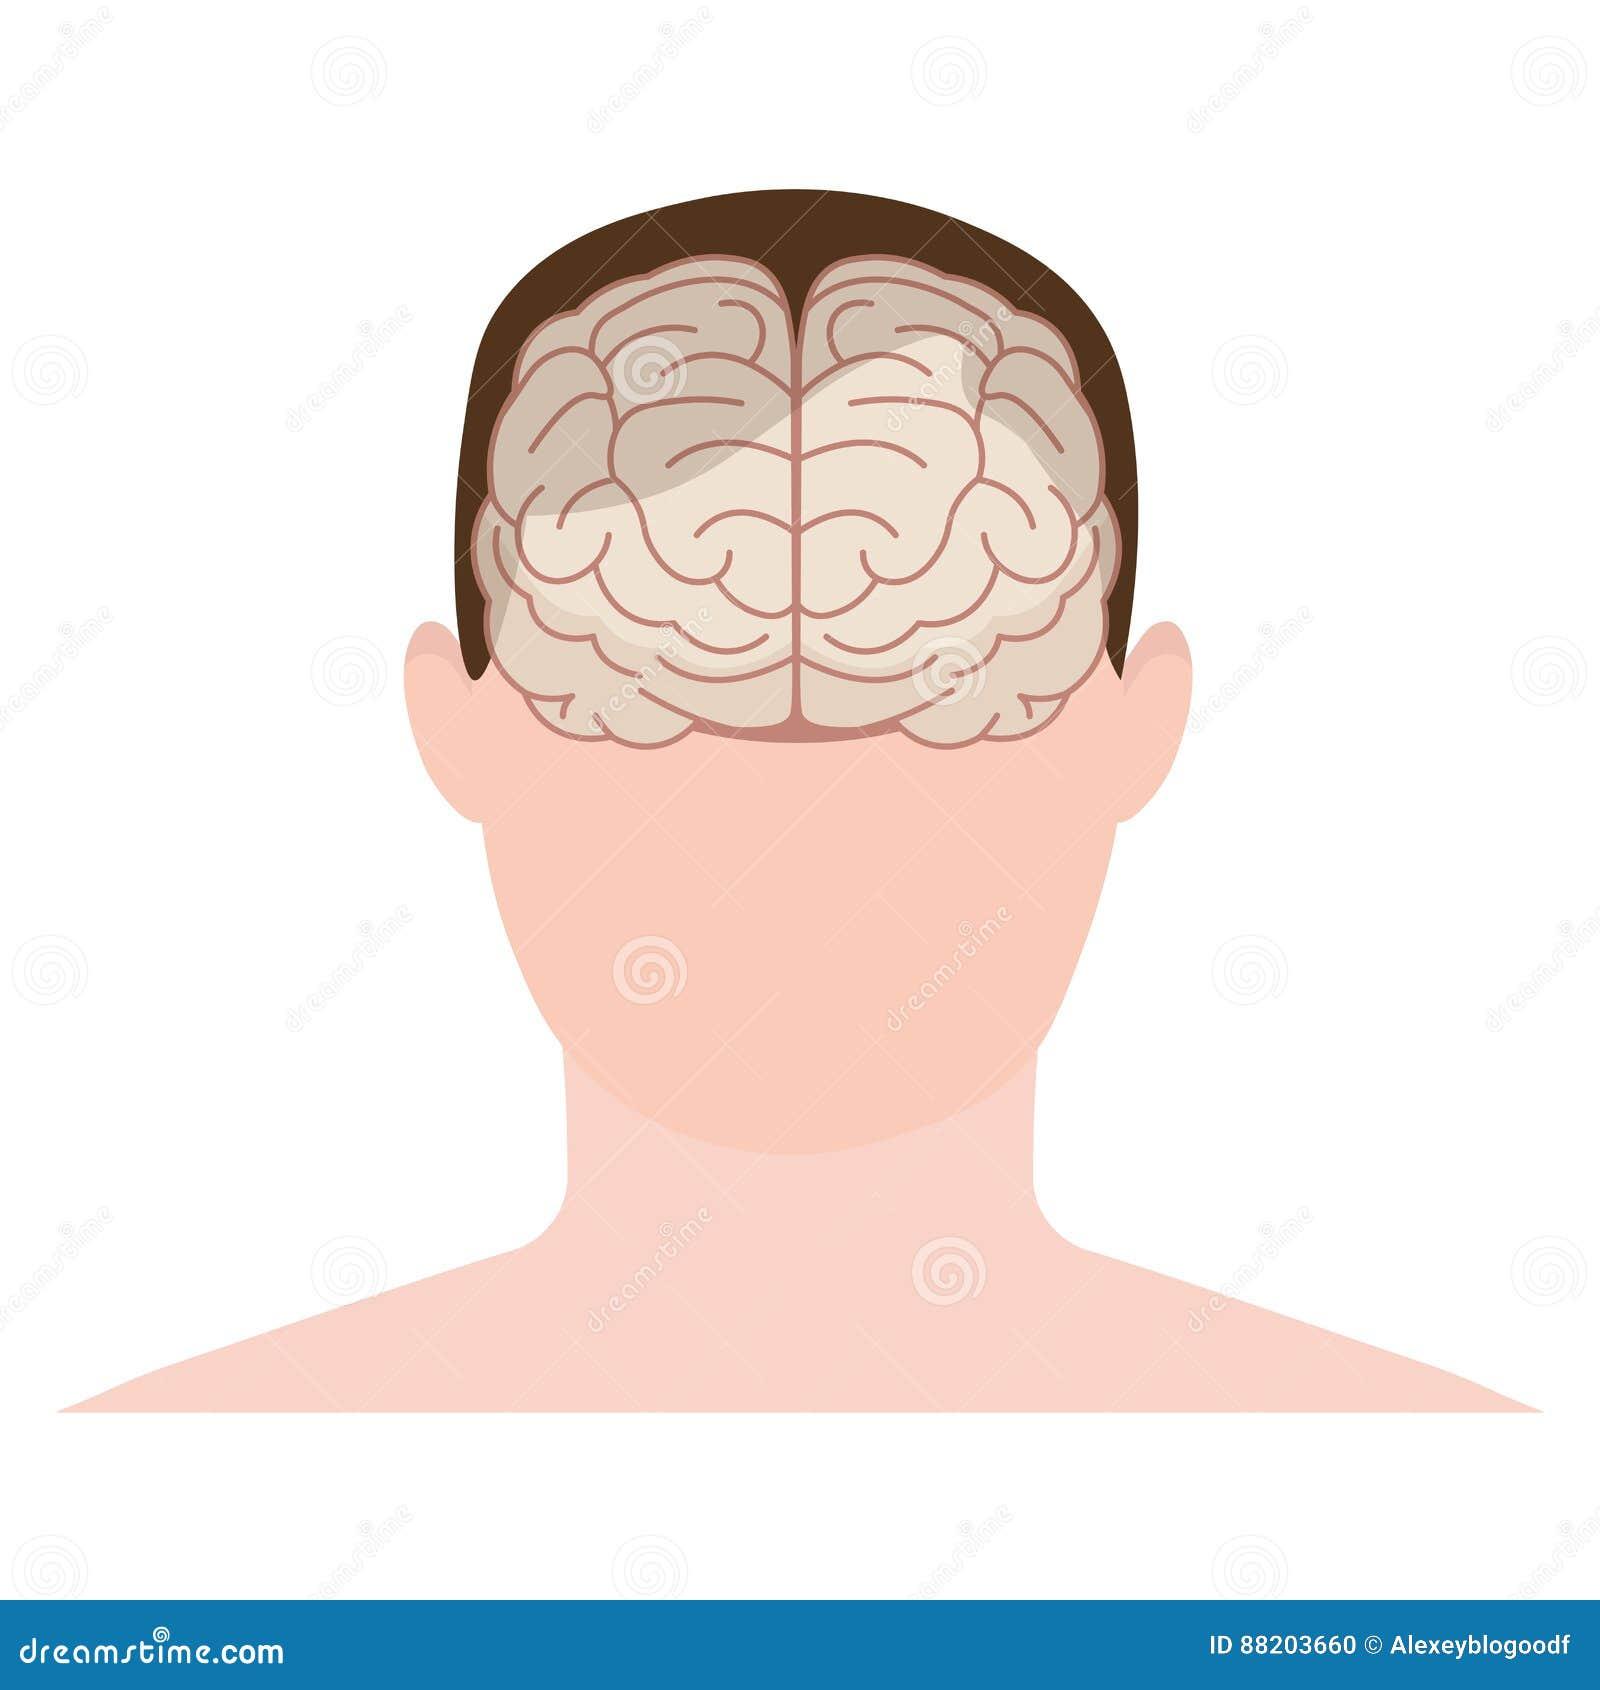 Επικεφαλής άνθρωπος, πρόσωπο και εγκέφαλος στο επίπεδο ύφος επίσης corel σύρετε το διάνυσμα απεικόνισης φ